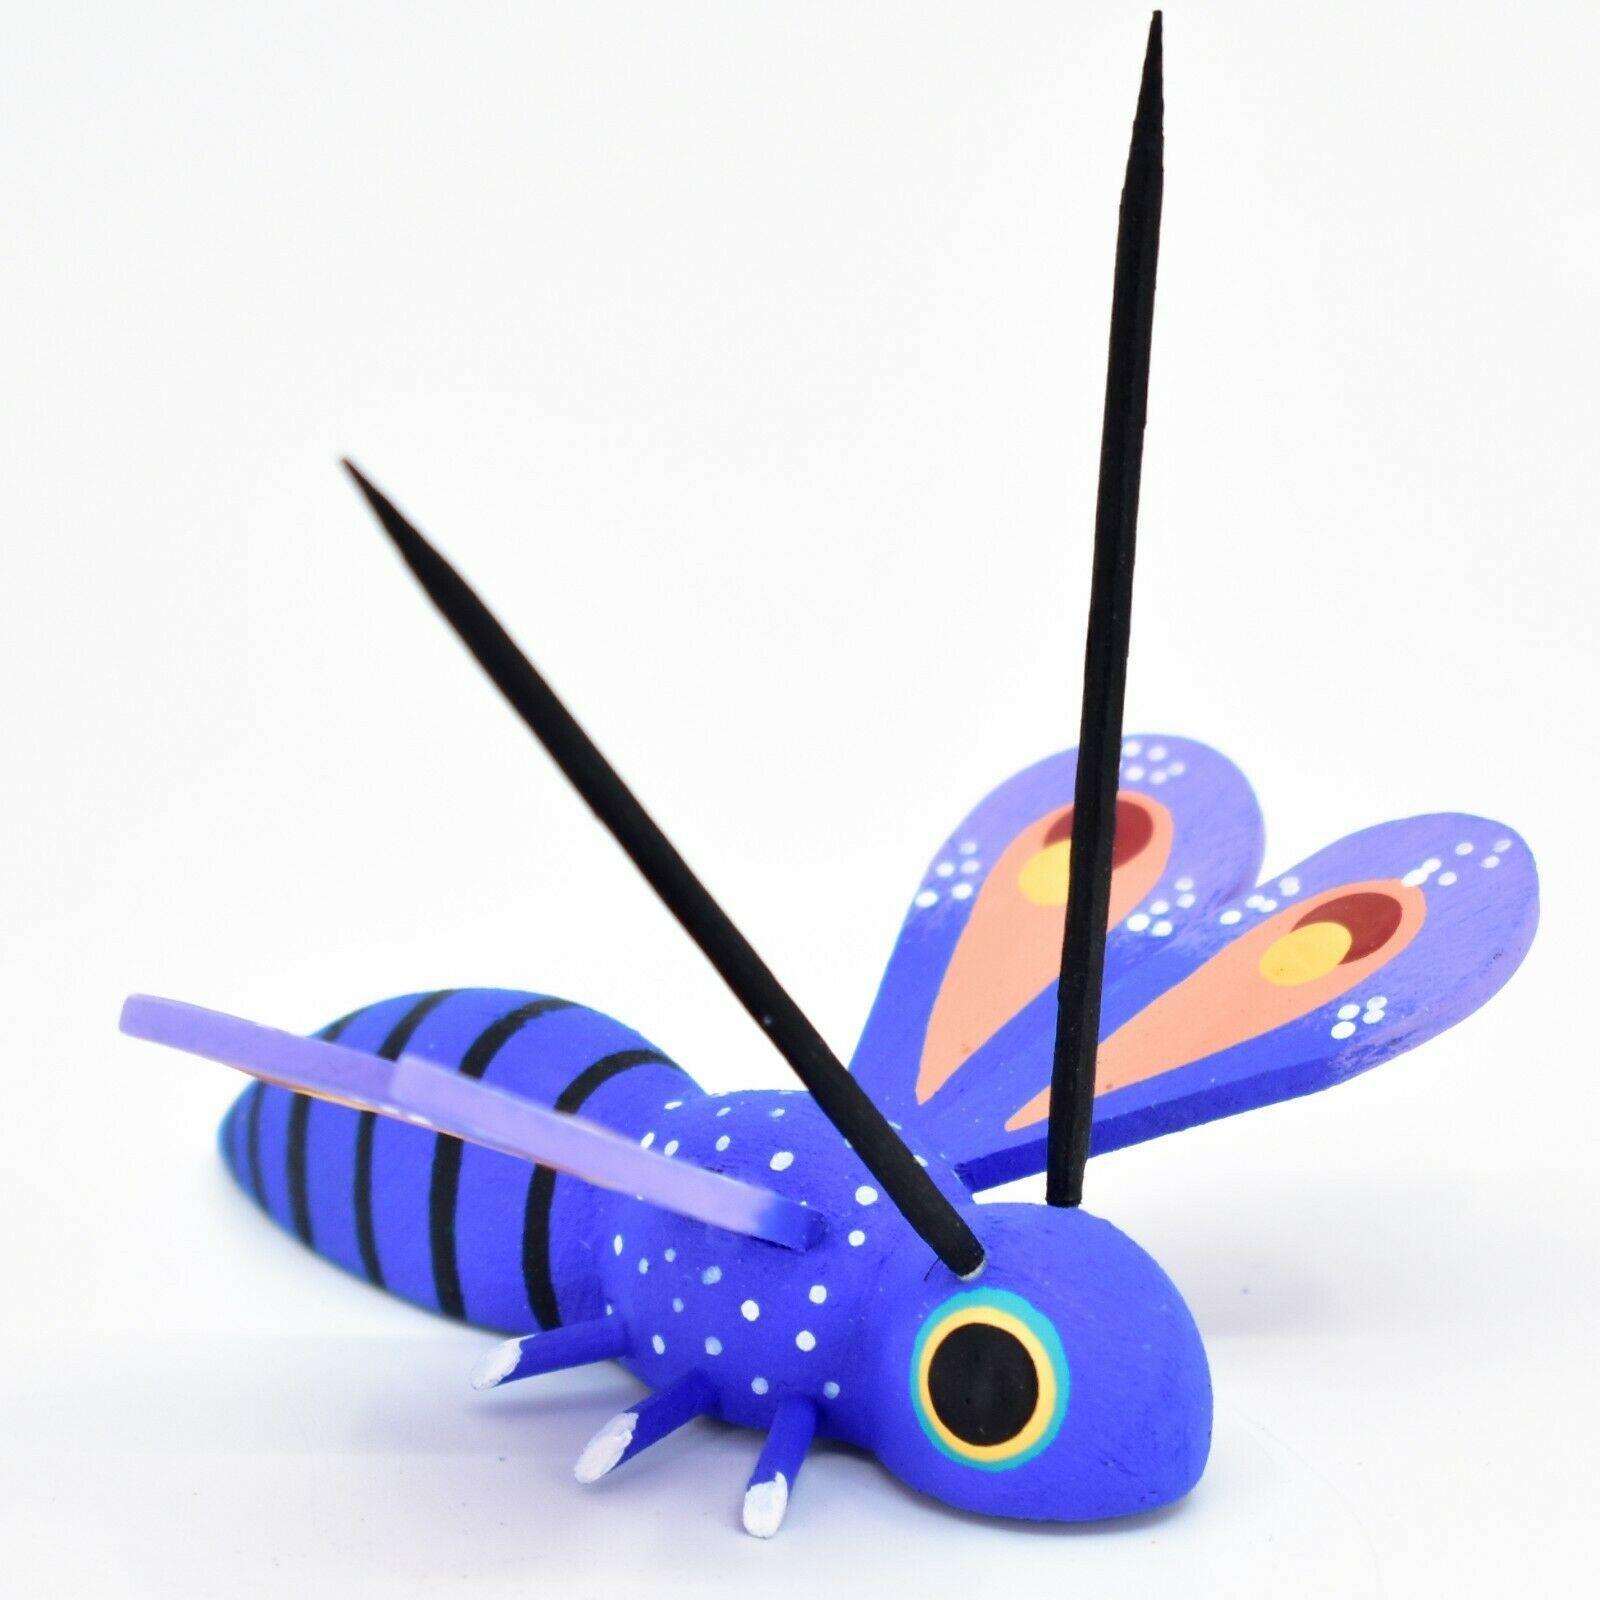 Alebrijes Oaxacan Copal Wood Carved Painted Folk Art Butterfly Dragonfly Figure